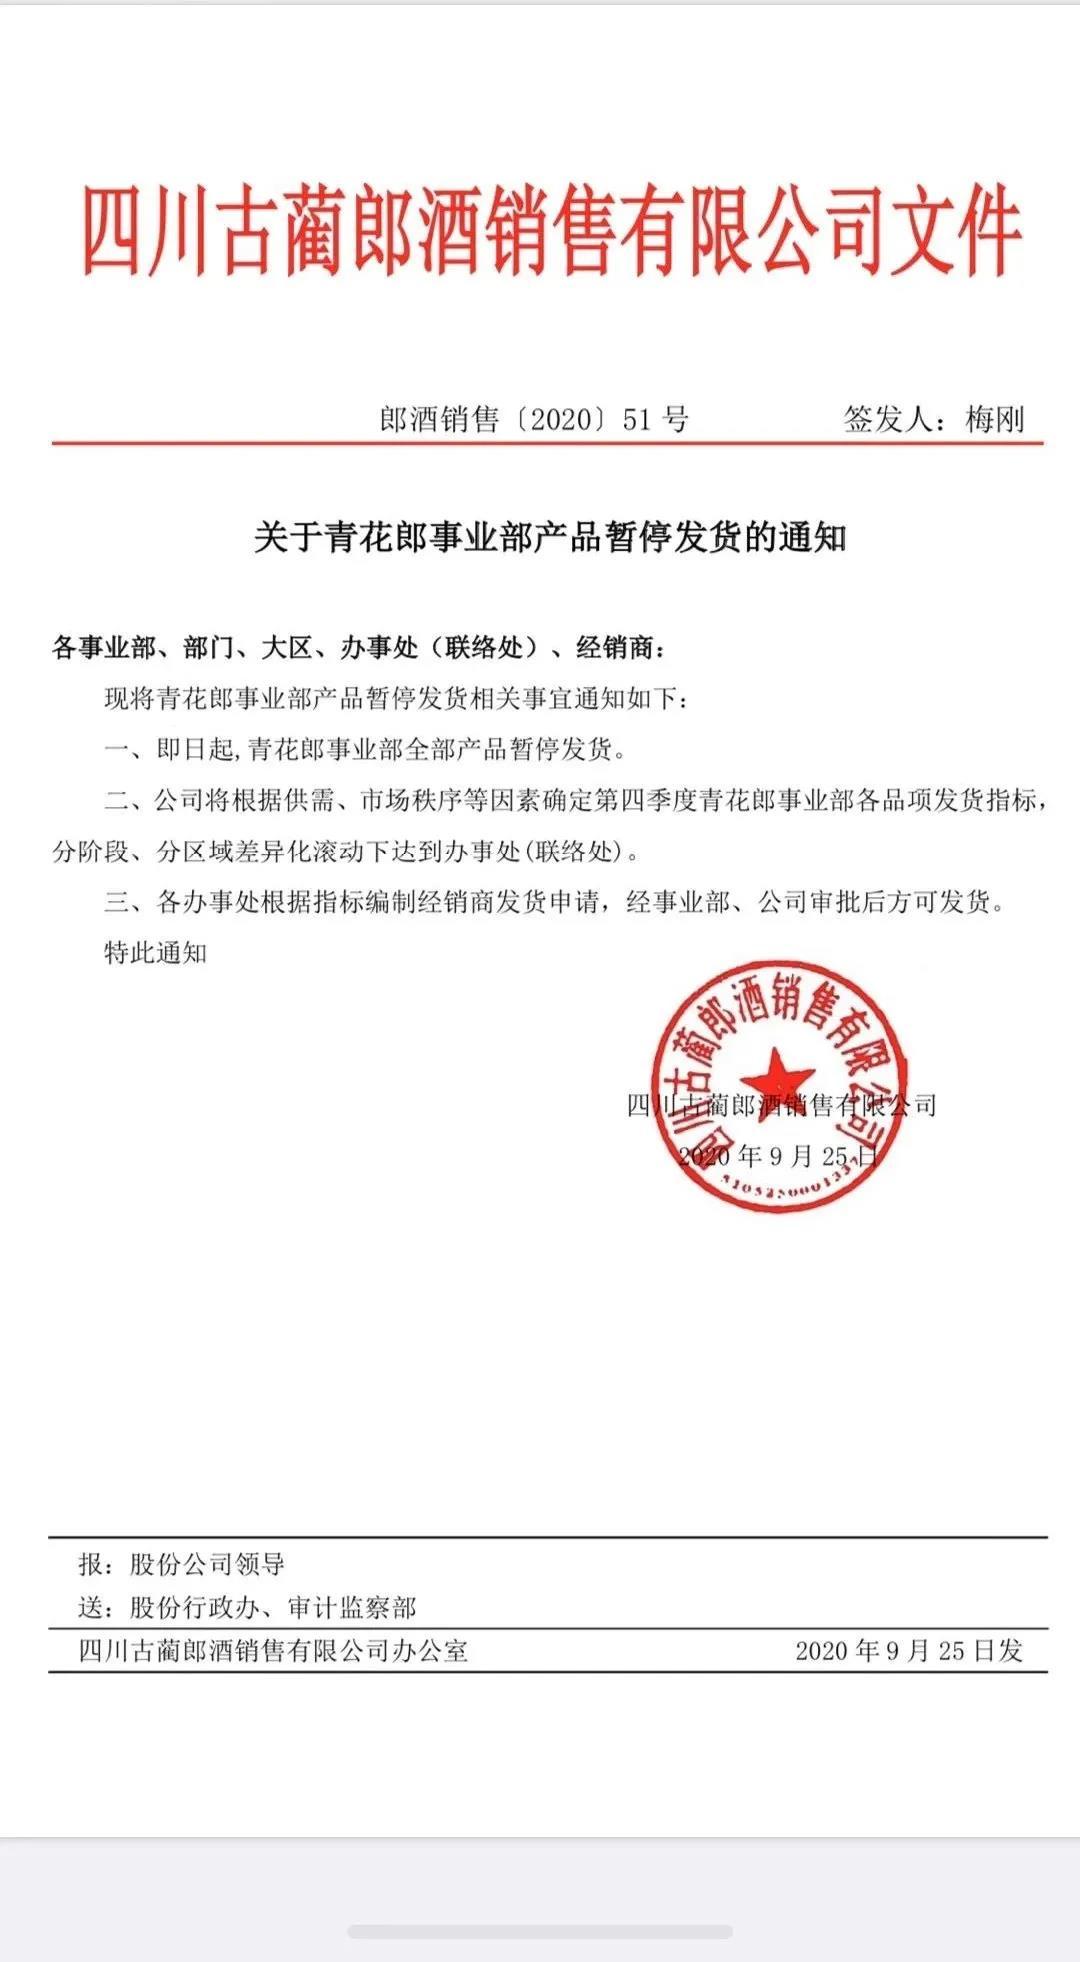 郎酒公司发布青花郎事业部产品暂停发货通知